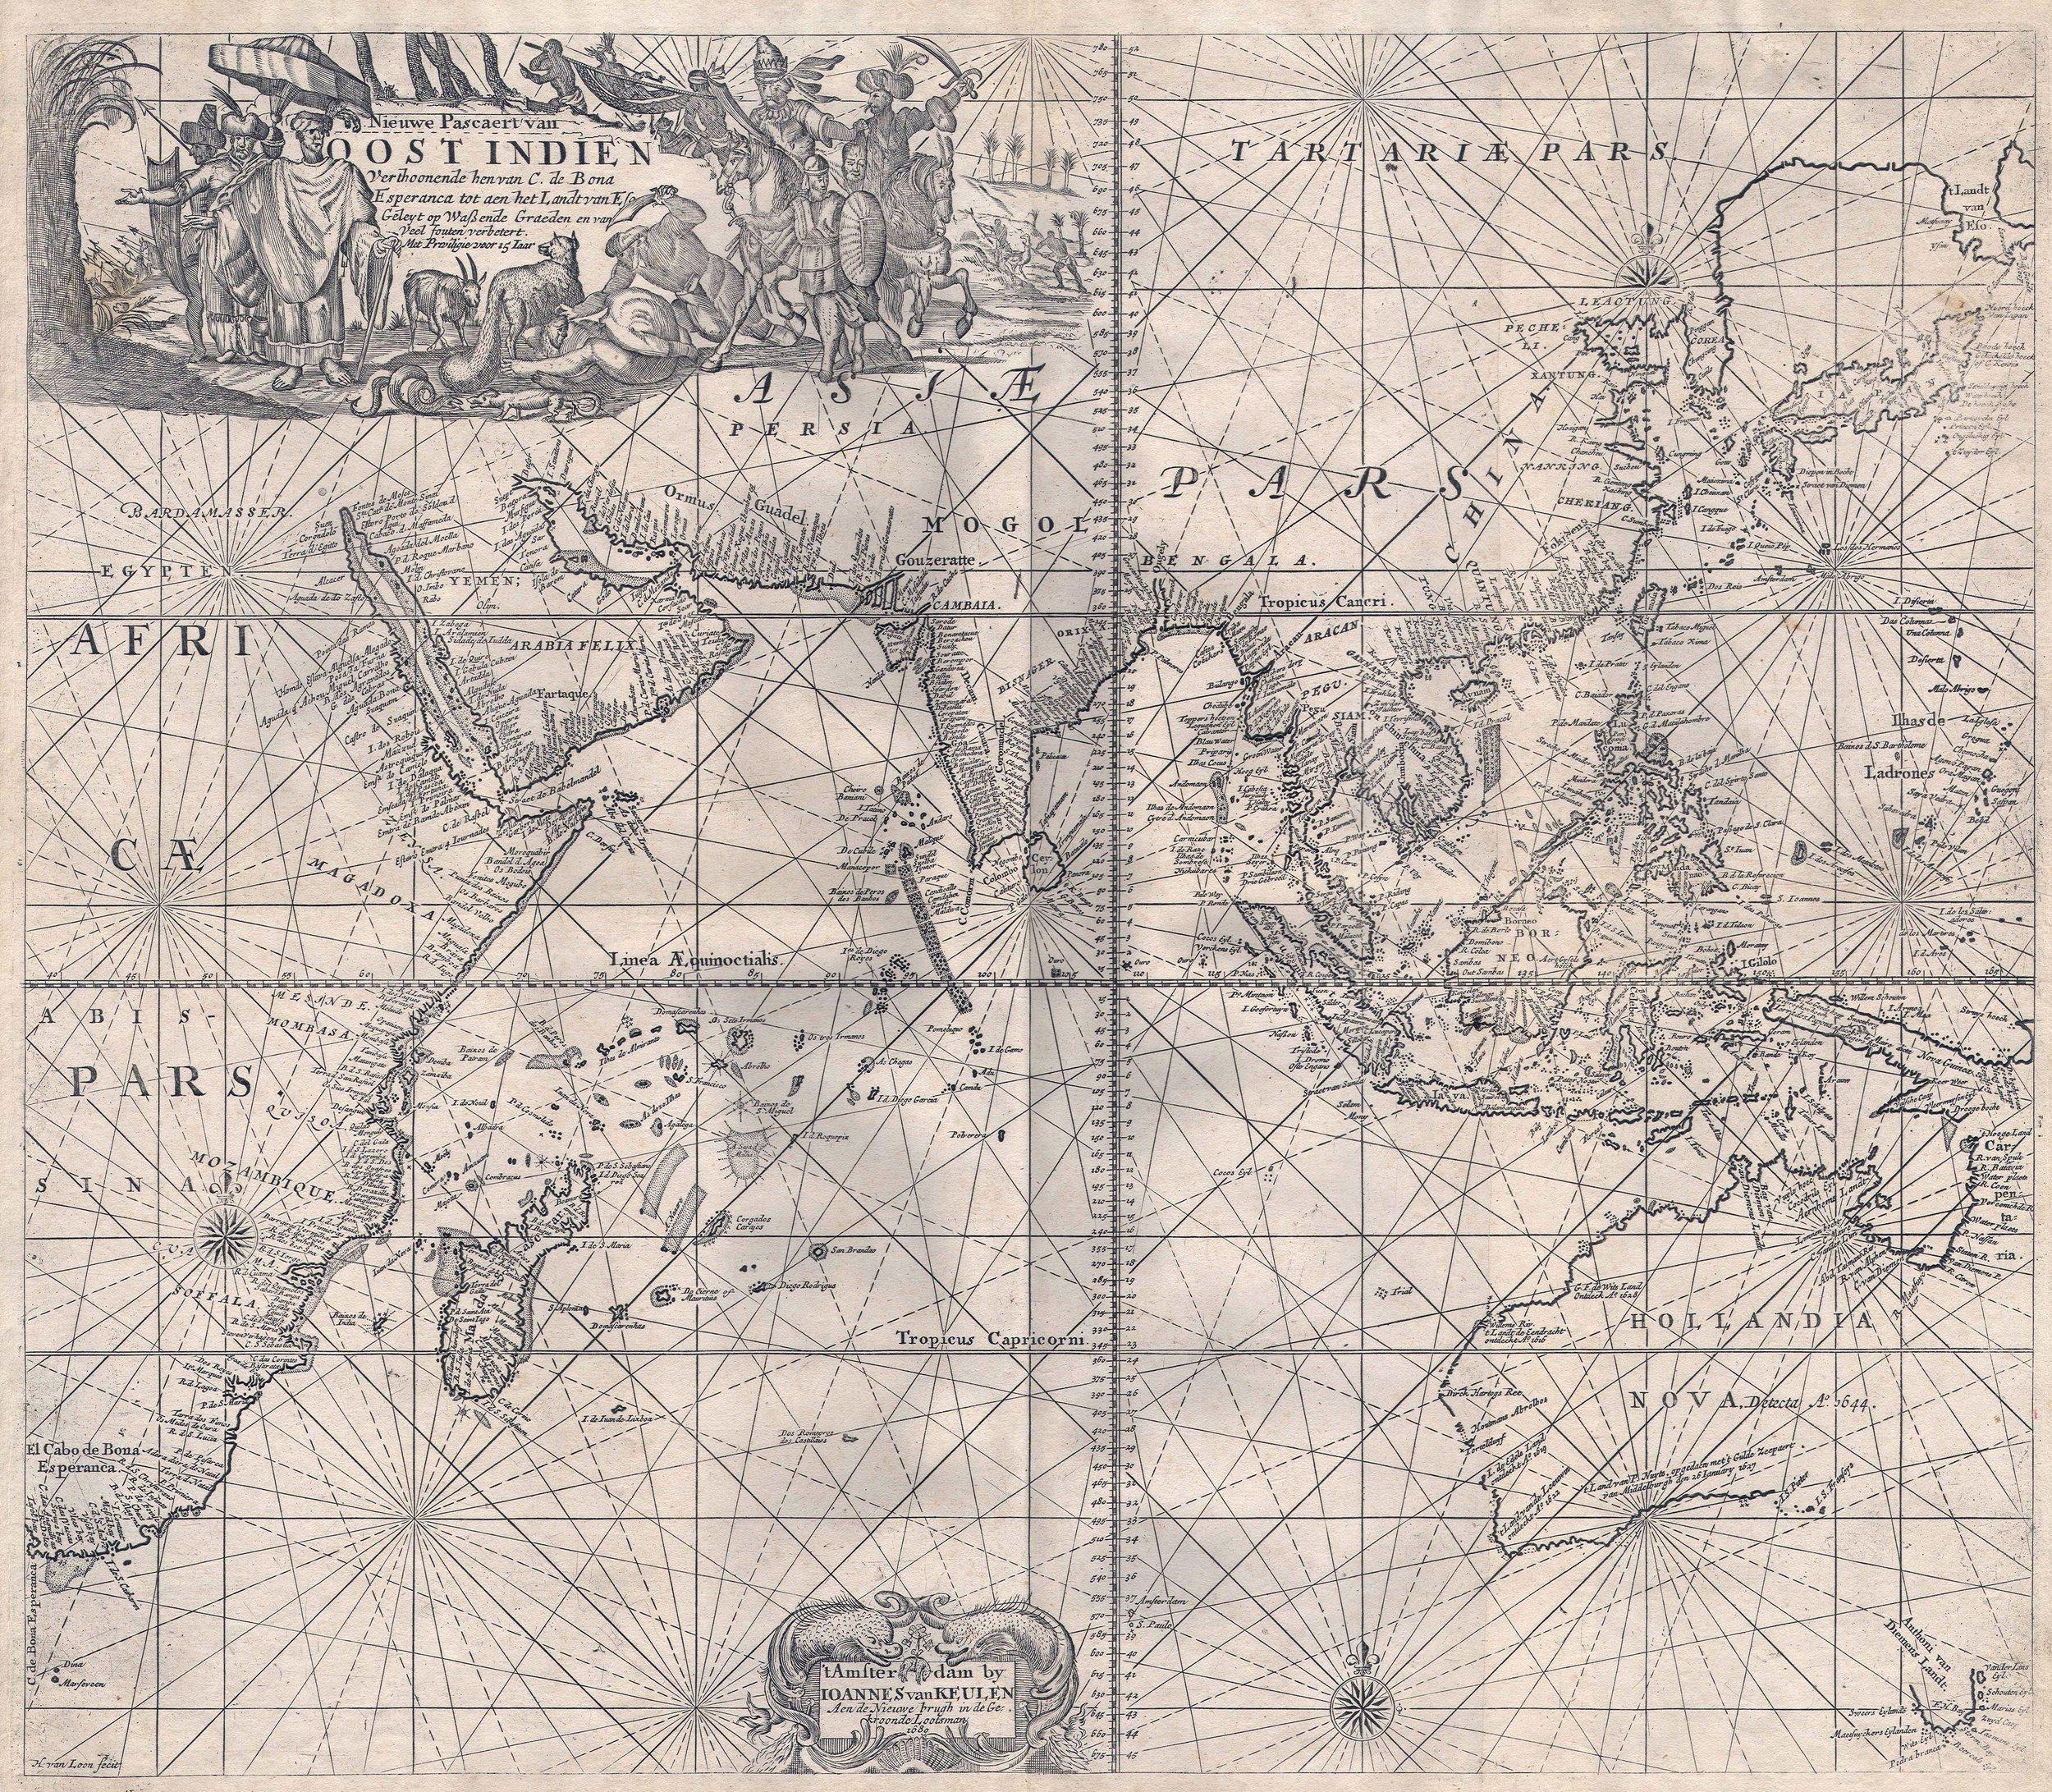 Indie 1689 (Image  © Johannes van Keulen Paskaart van Oost)